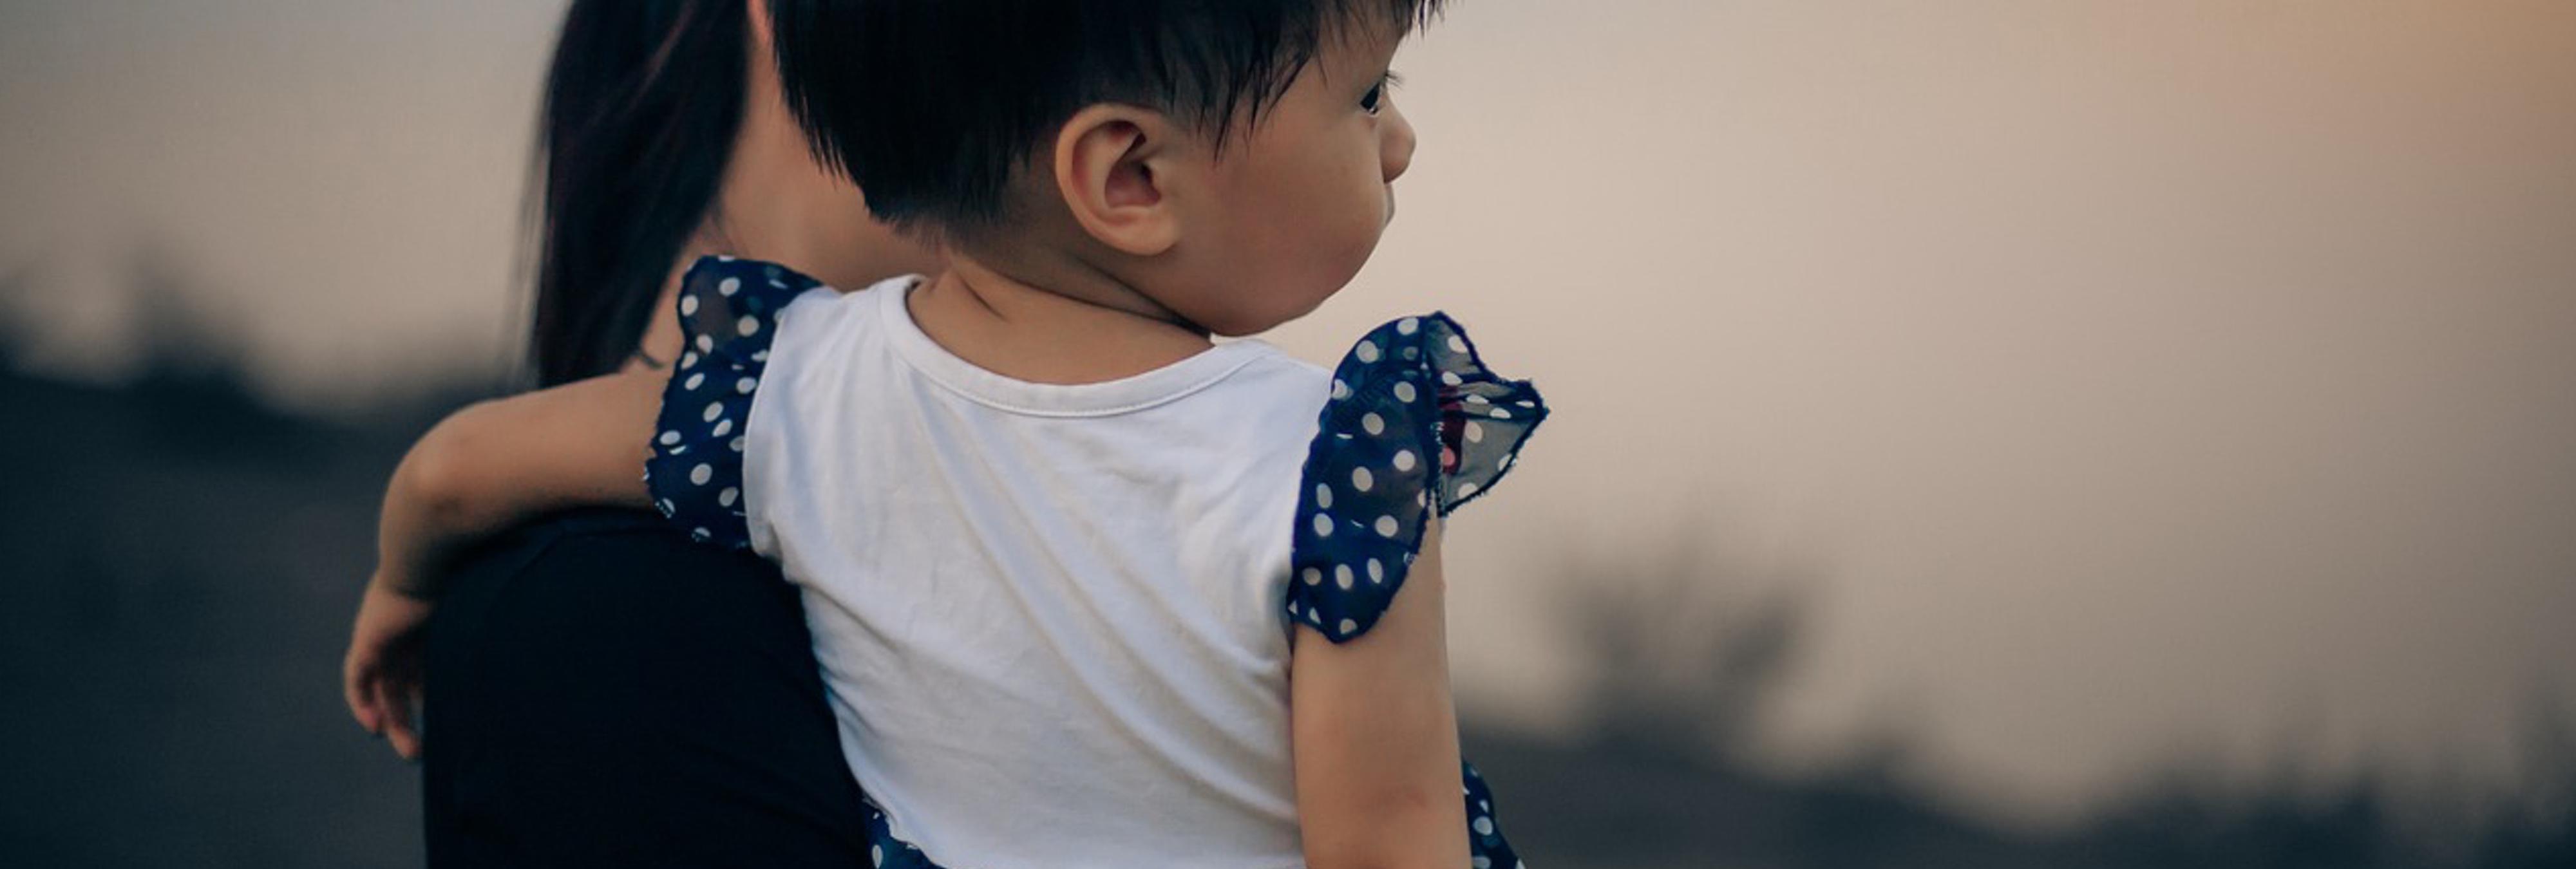 Los 5 cambios que experimenta el cerebro de una mujer cuando se convierte en madre